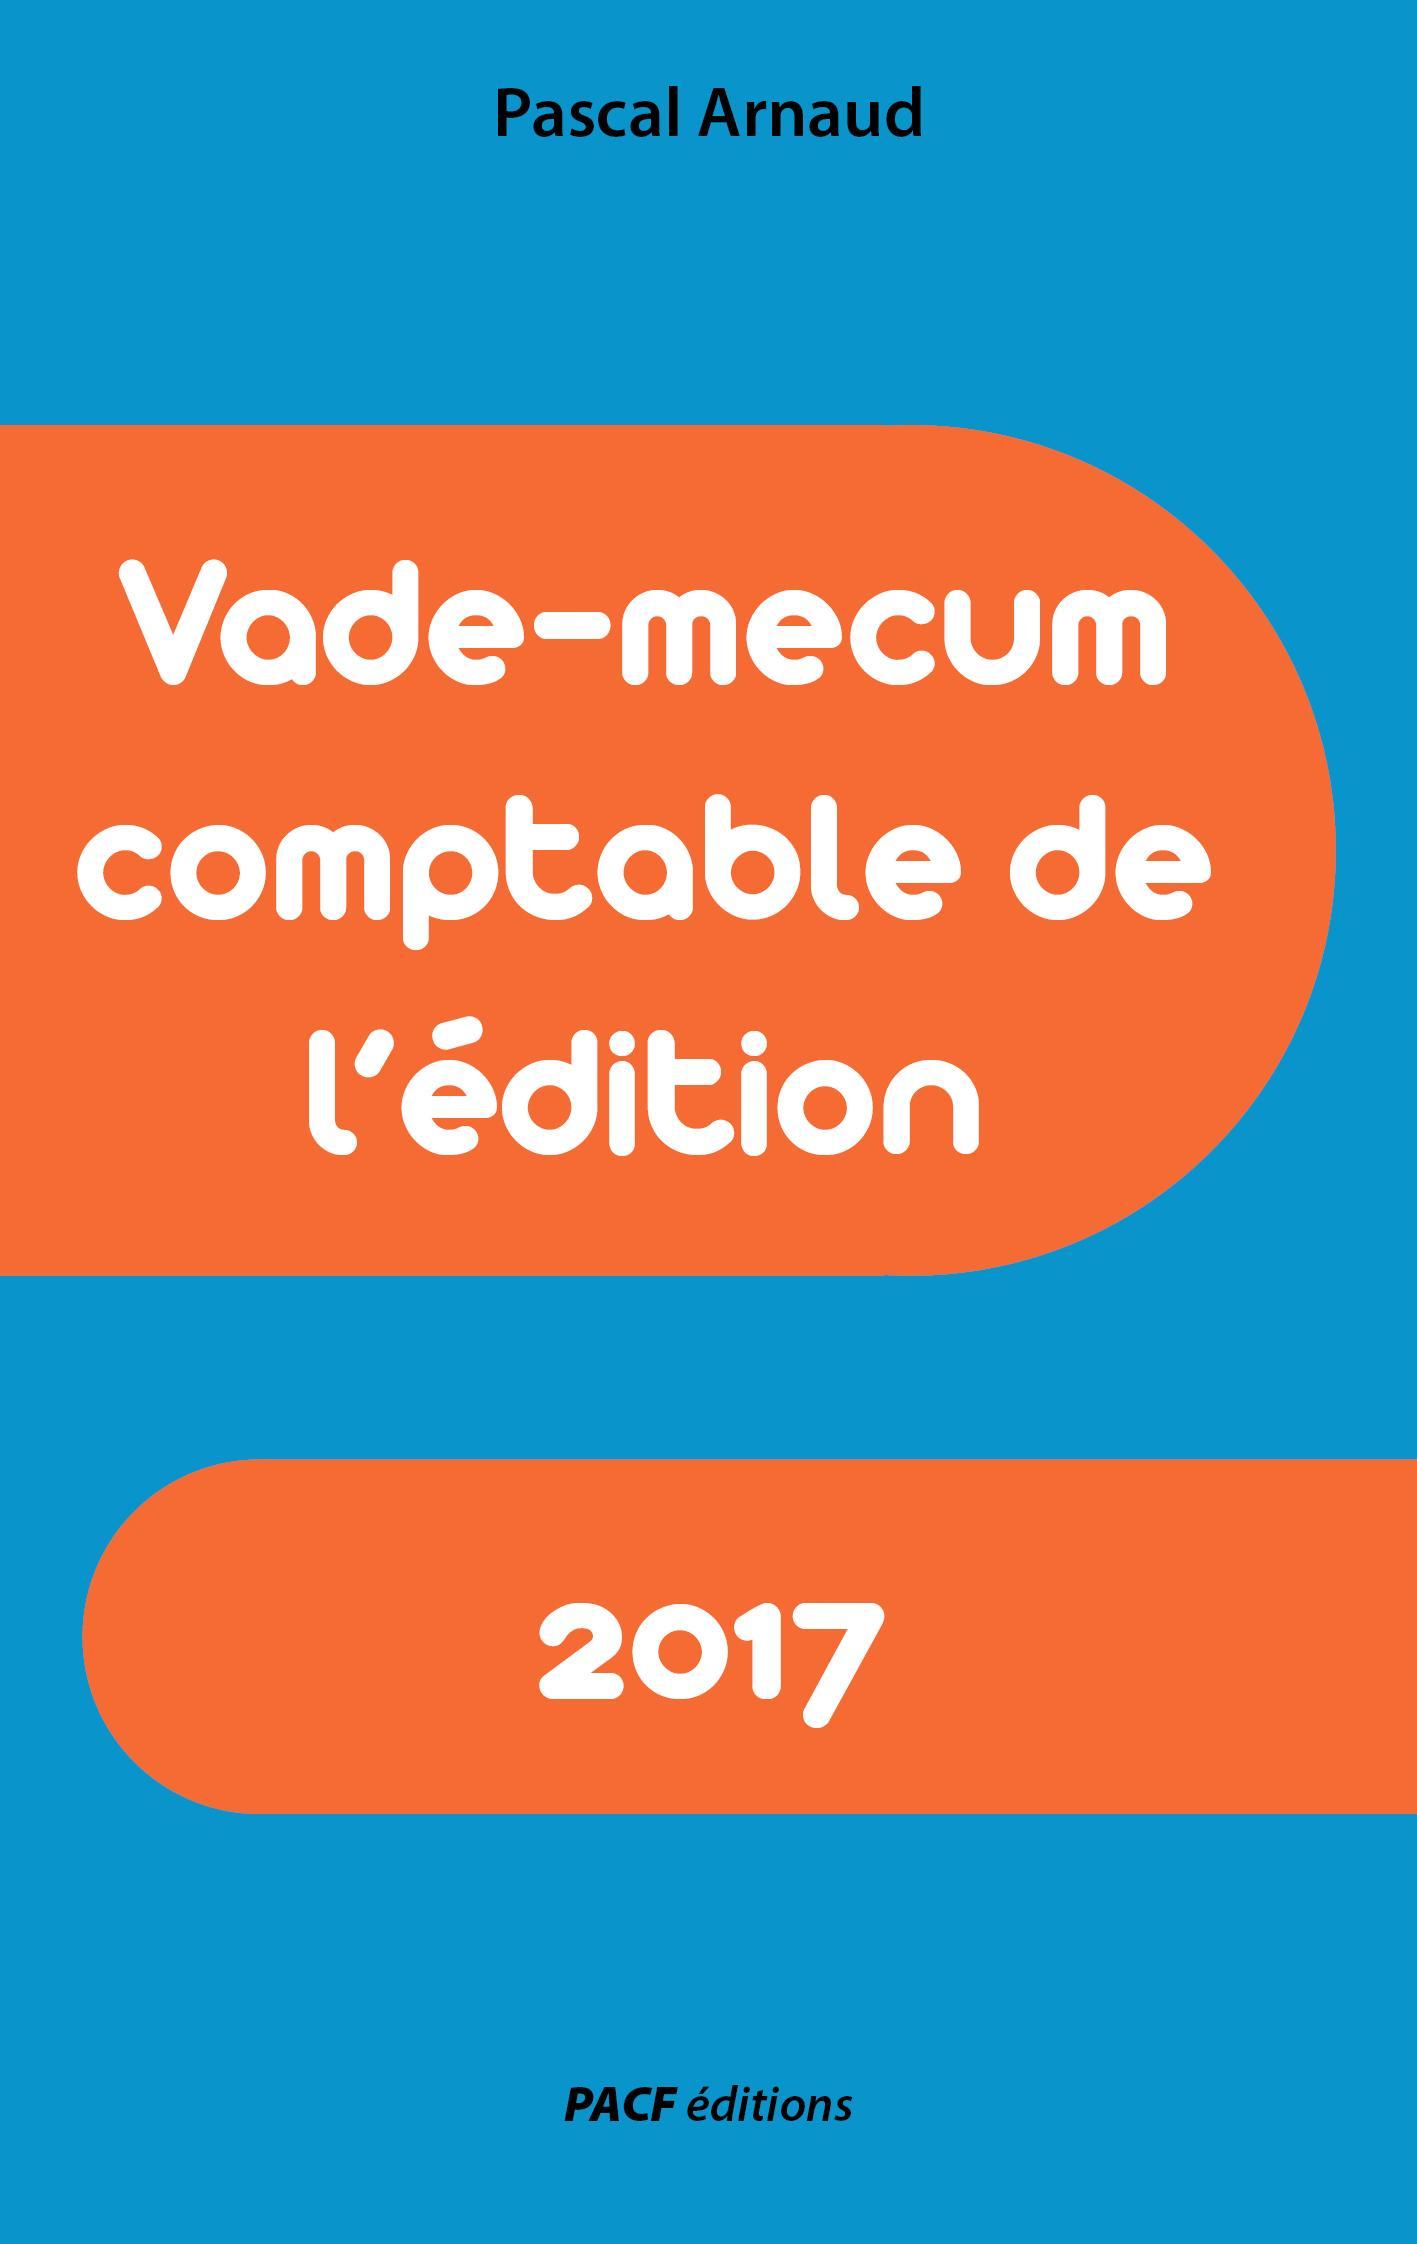 Vade-mecum comptable de l'édition 2017